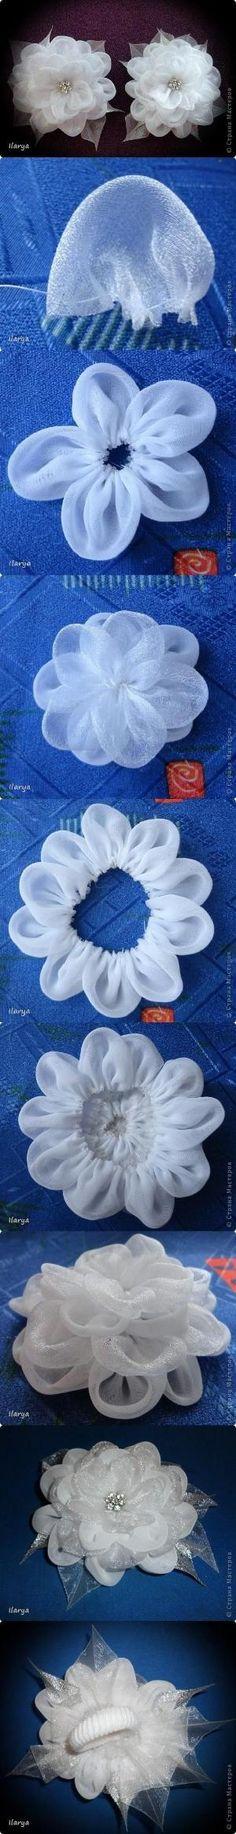 DIY Fabric Lust Flower by elsa garza